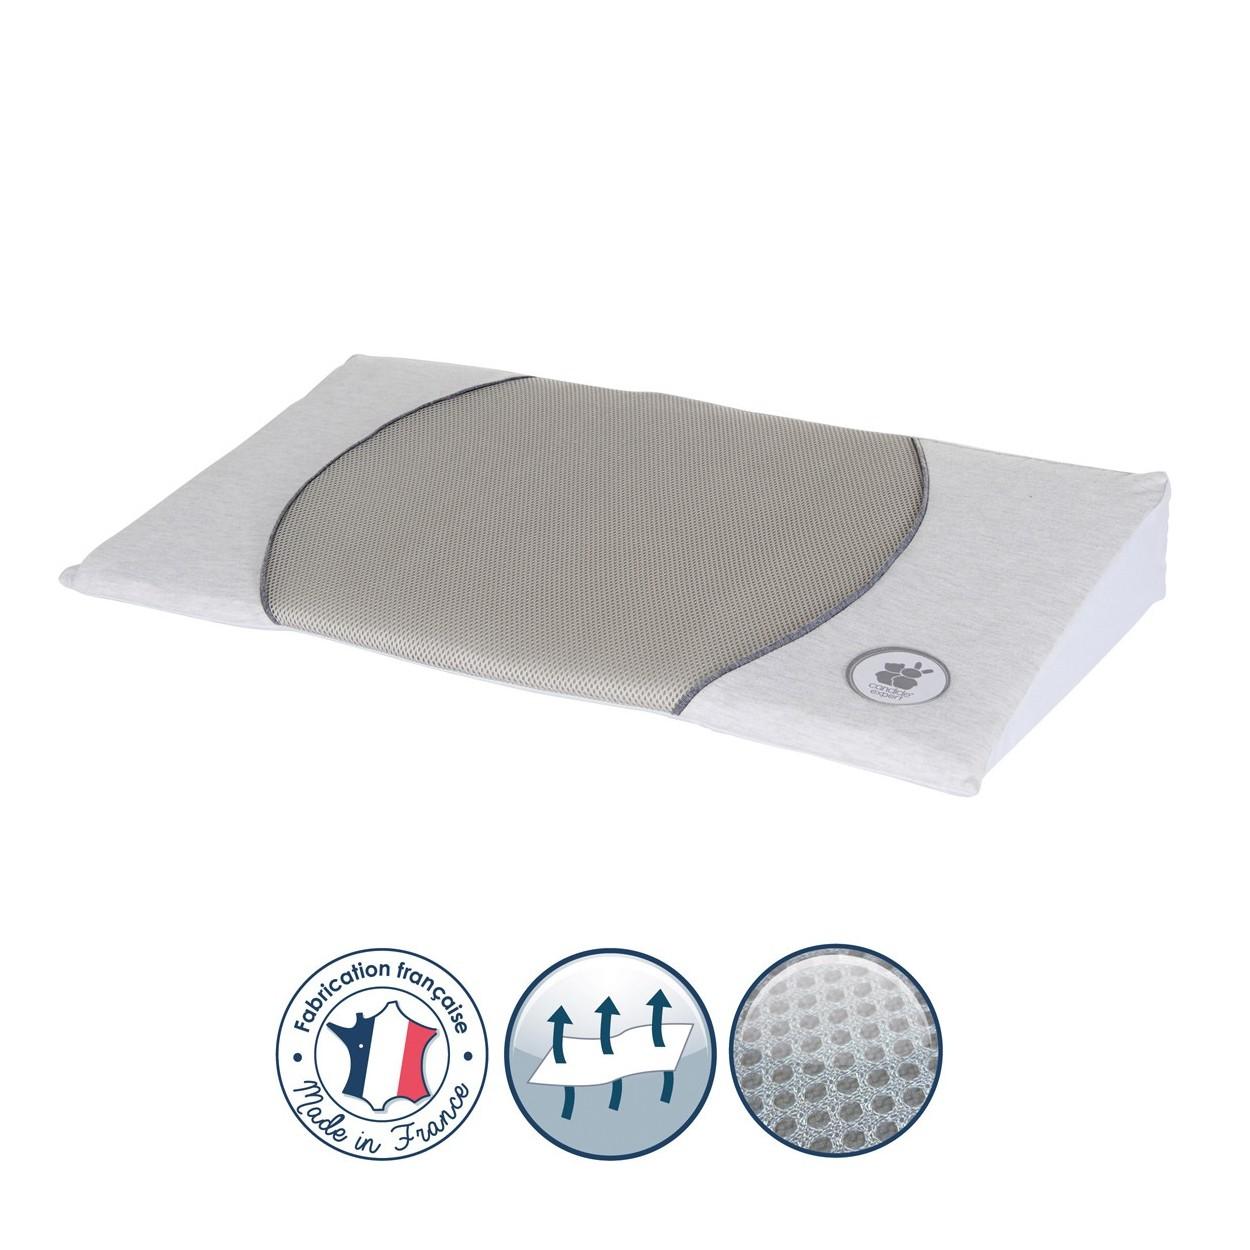 Plan incliné 15° air + pour lit 70x140 gris